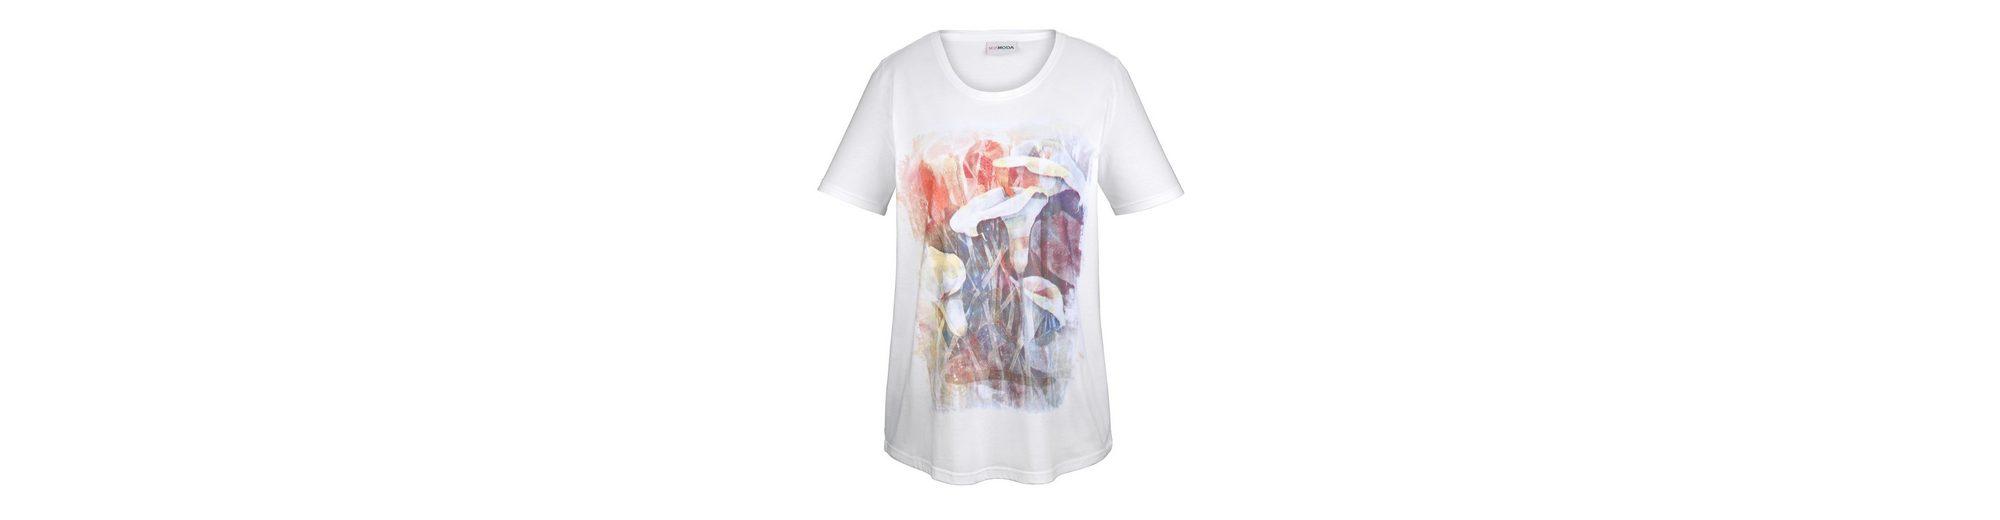 Preise Im Netz Pay Online Mit Visa-Verkauf MIAMODA Shirt mit farbenfrohen Blütenmotiven Suchen Sie Nach Verkauf Billig Verkauf Exklusiv 2018 Neue Preiswerte Online g0o82M